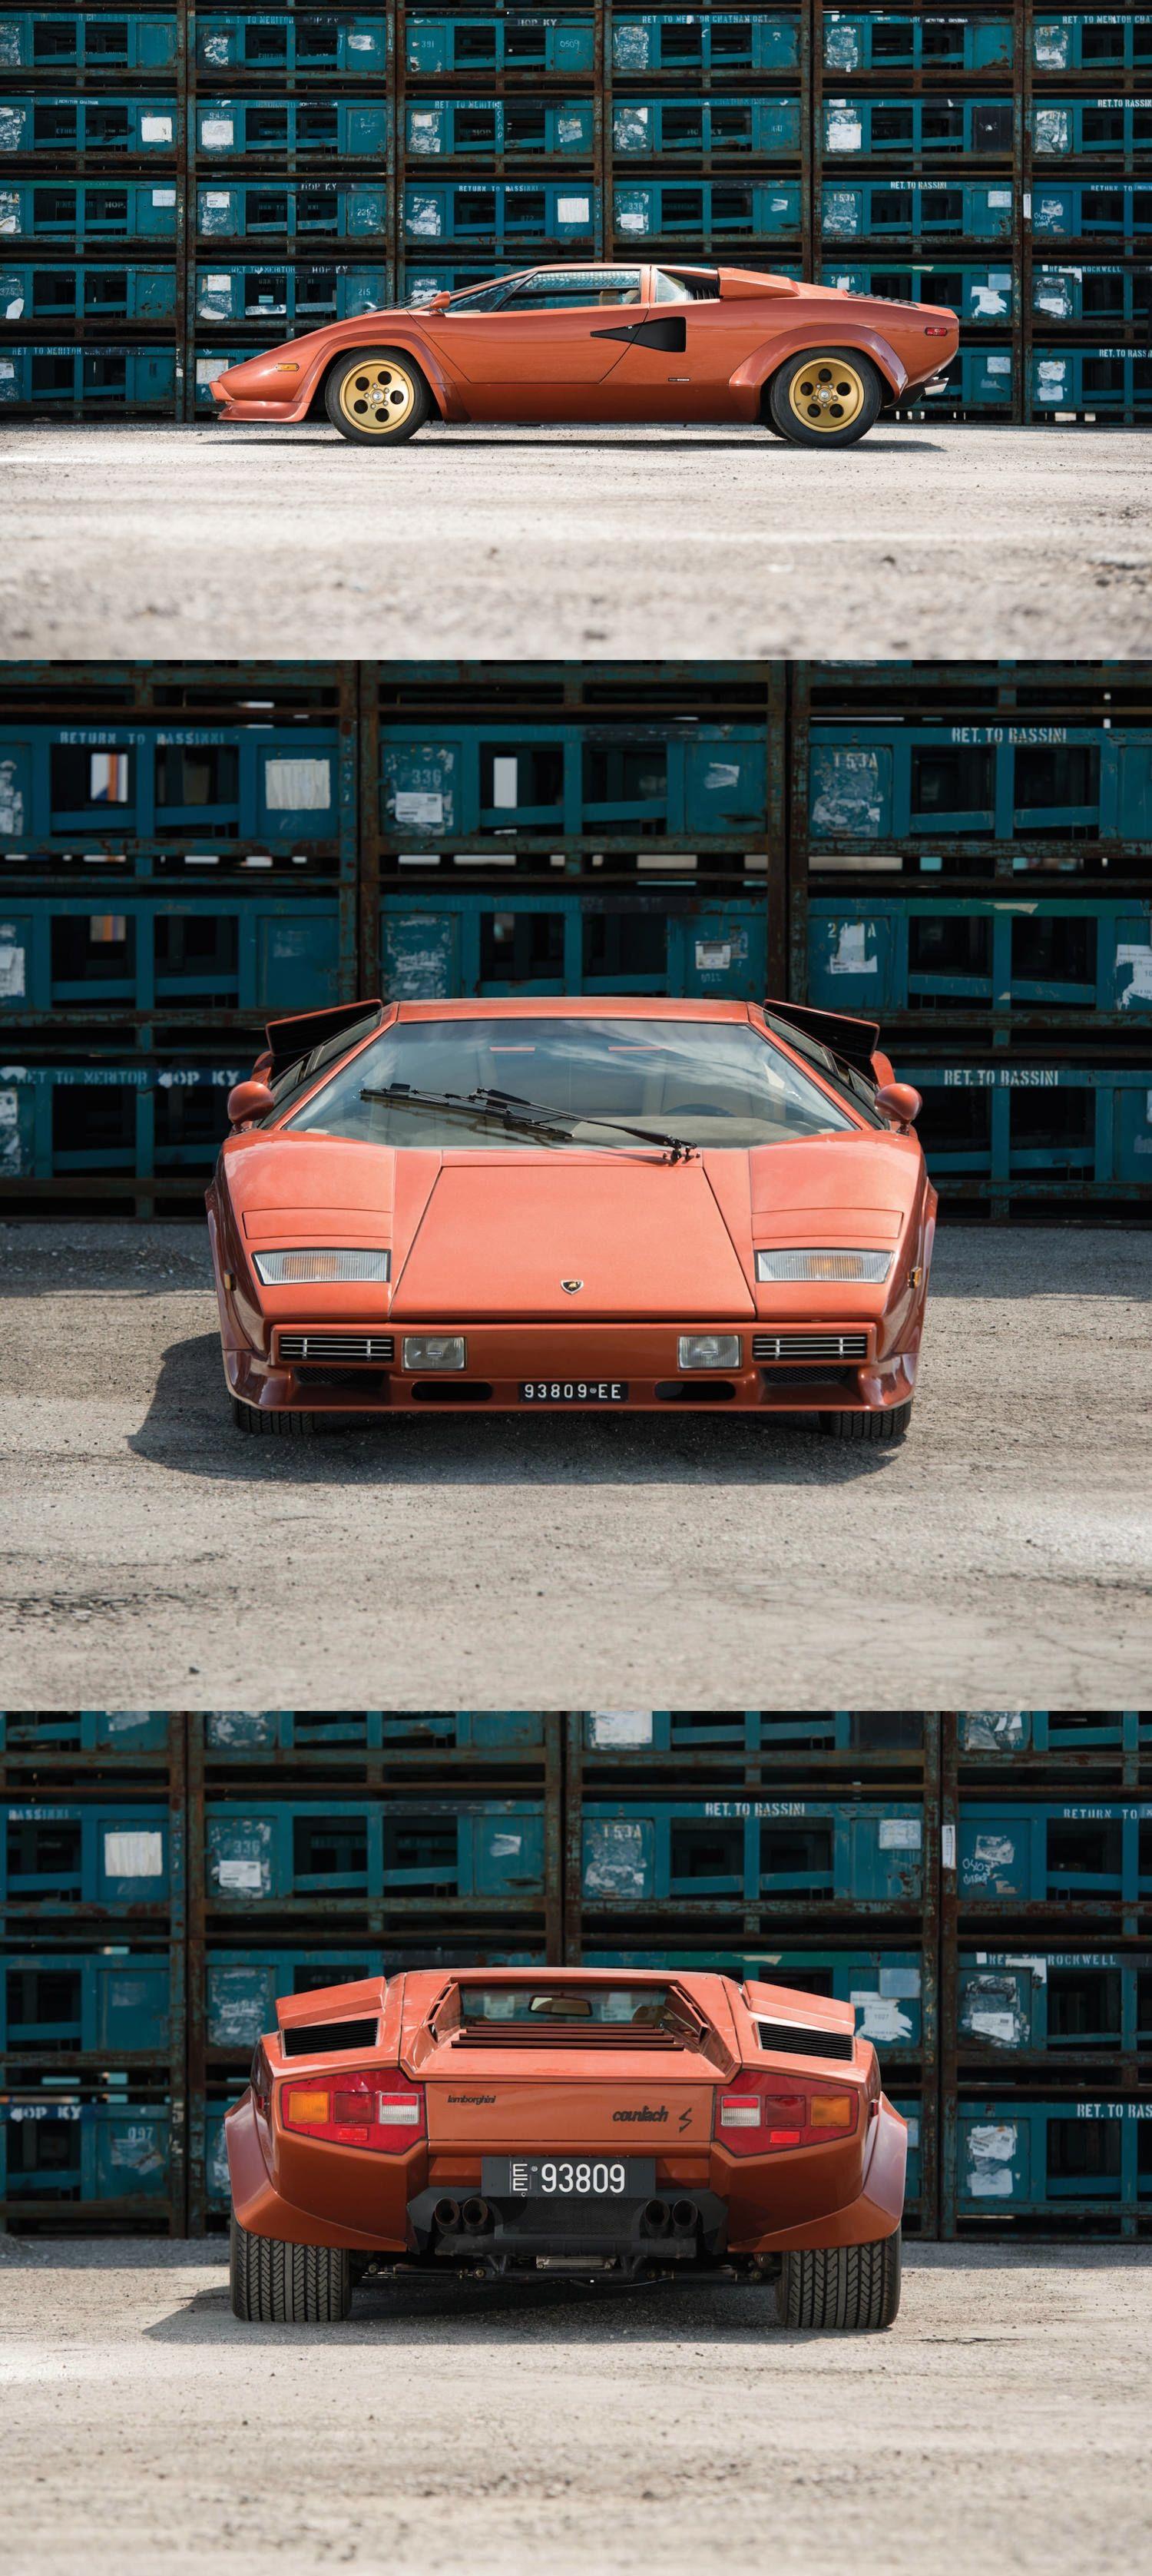 86d9a1bee896a87e31350254b3c1e48b Marvelous Lamborghini Countach Nfs Hot Pursuit Cars Trend